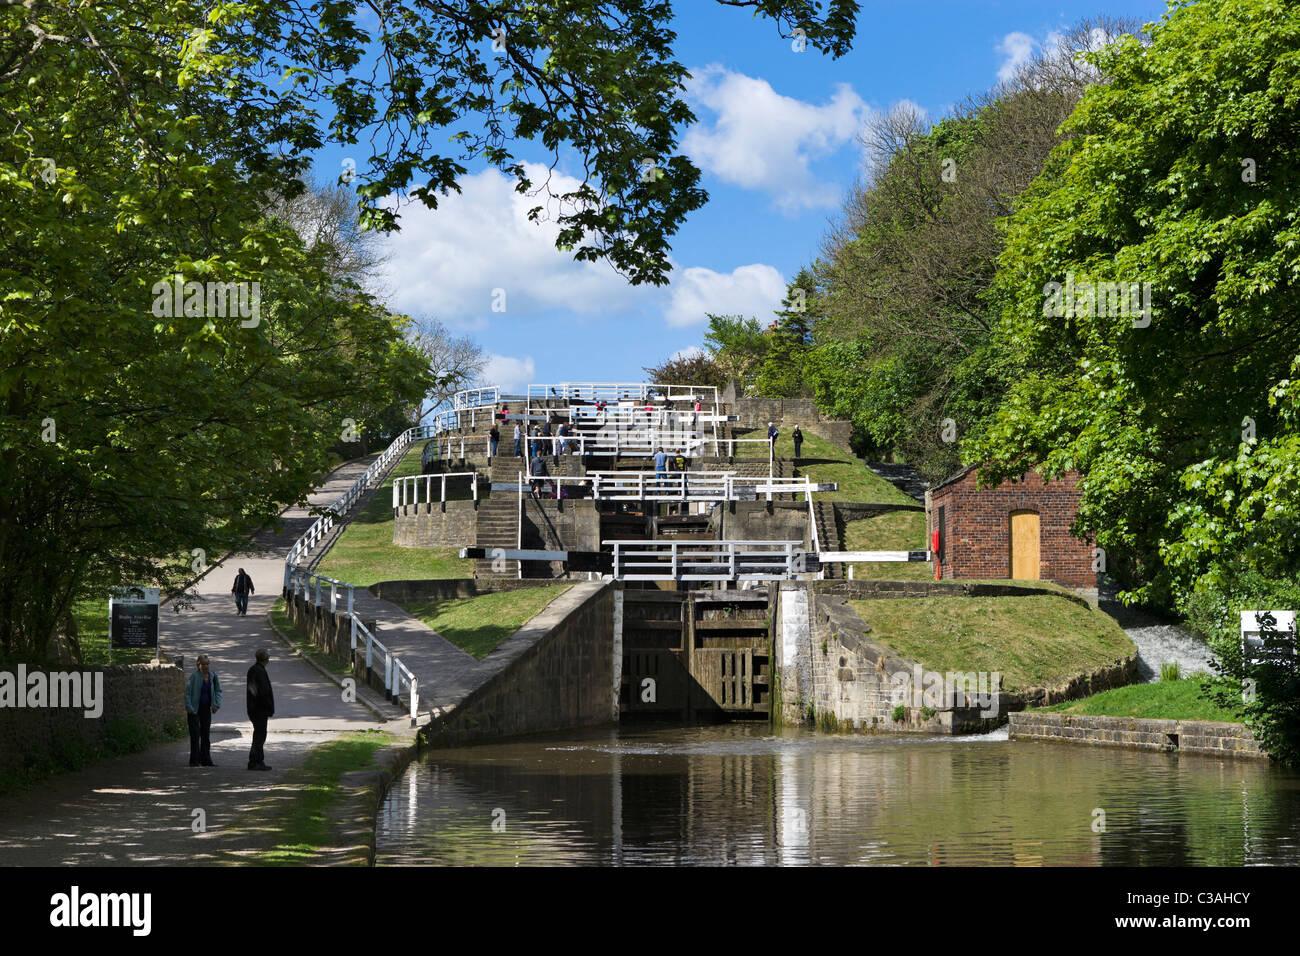 Fünf erheben Schlösser sich auf Leeds und Liverpool Canal, Bingley, West Yorkshire, Großbritannien Stockfoto